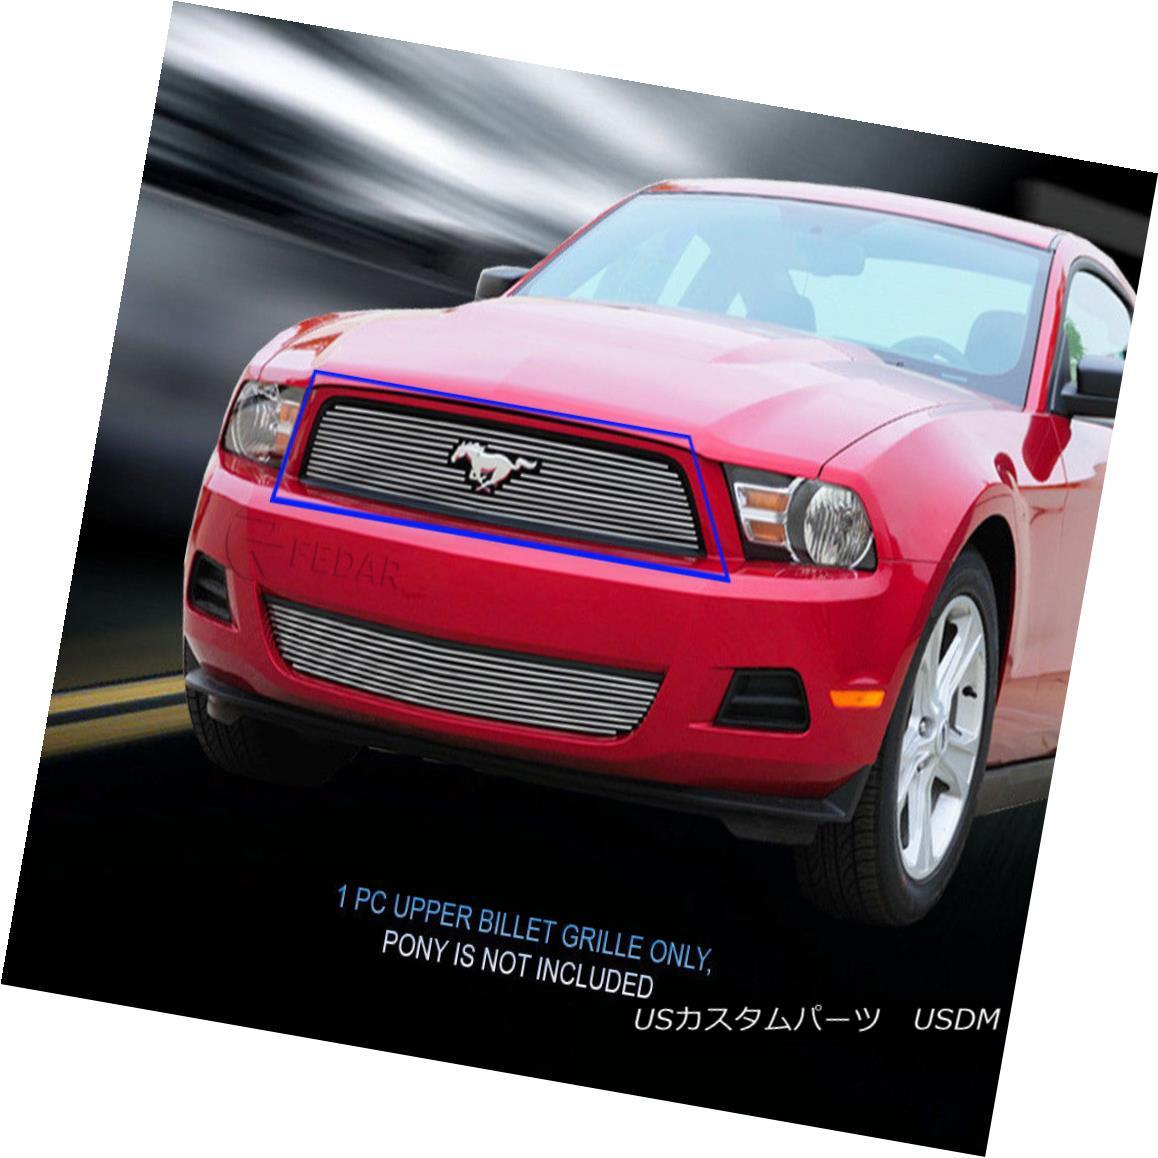 グリル Fits 2010 2011 2012 Ford Mustang V6 Billet Grille Upper Grill Insert Fedar フィット2010年2011年2012フォードマスタングV6ビレットグリルアッパーグリルインサートFedar